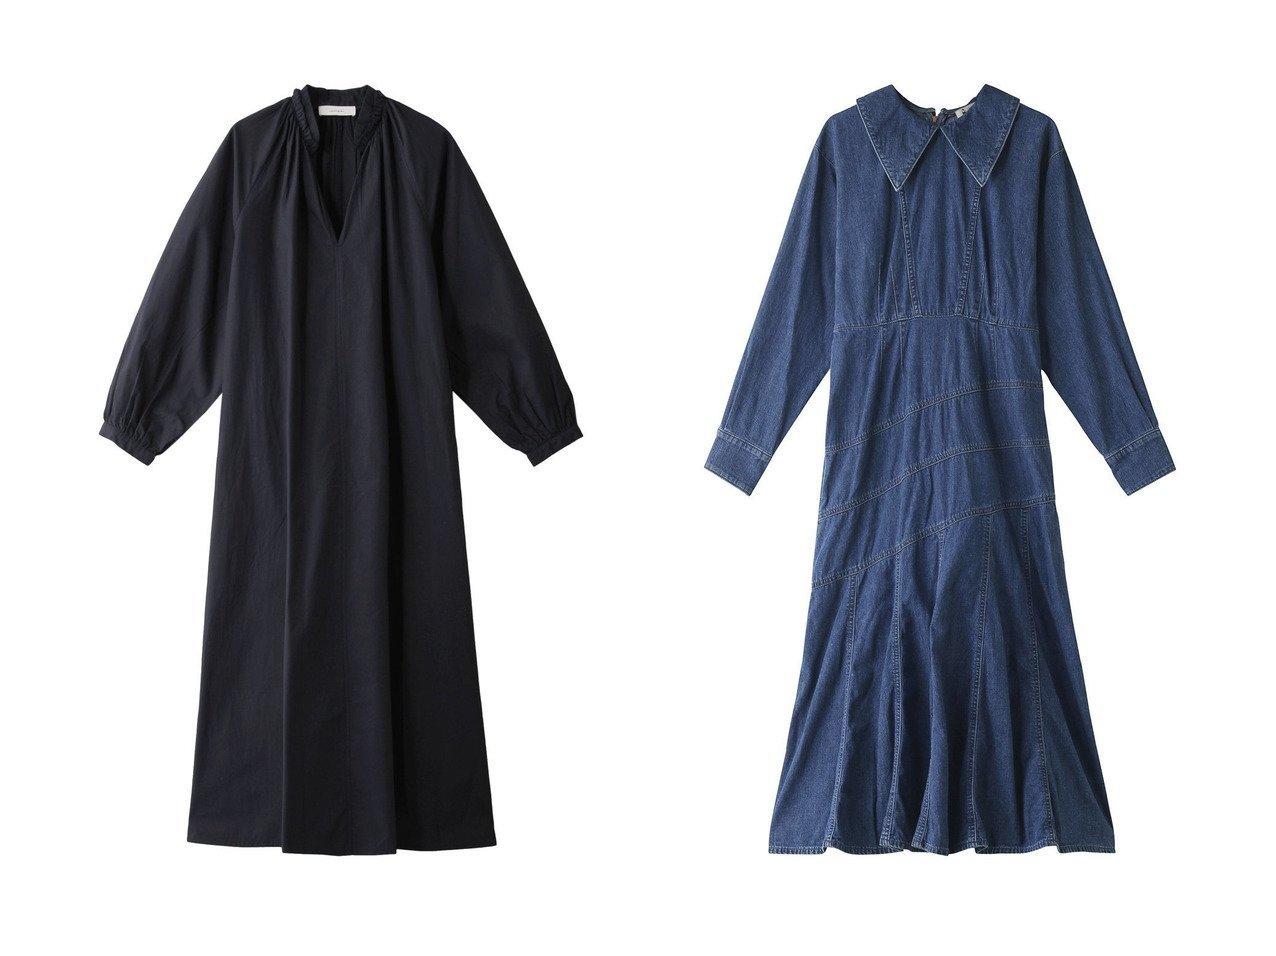 【normment/ノーメント】のポプリンギャザーシャツドレス&【leur logette/ルール ロジェット】のデニムドレス 【ワンピース・ドレス】おすすめ!人気、トレンド・レディースファッションの通販  おすすめで人気の流行・トレンド、ファッションの通販商品 インテリア・家具・メンズファッション・キッズファッション・レディースファッション・服の通販 founy(ファニー) https://founy.com/ ファッション Fashion レディースファッション WOMEN ワンピース Dress ドレス Party Dresses チュニック Tunic 2020年 2020 2020-2021秋冬・A/W AW・Autumn/Winter・FW・Fall-Winter/2020-2021 2021年 2021 2021-2022秋冬・A/W AW・Autumn/Winter・FW・Fall-Winter・2021-2022 A/W・秋冬 AW・Autumn/Winter・FW・Fall-Winter ギャザー シンプル スリット チュニック フリル デニム ドレス フレア ロング  ID:crp329100000062968